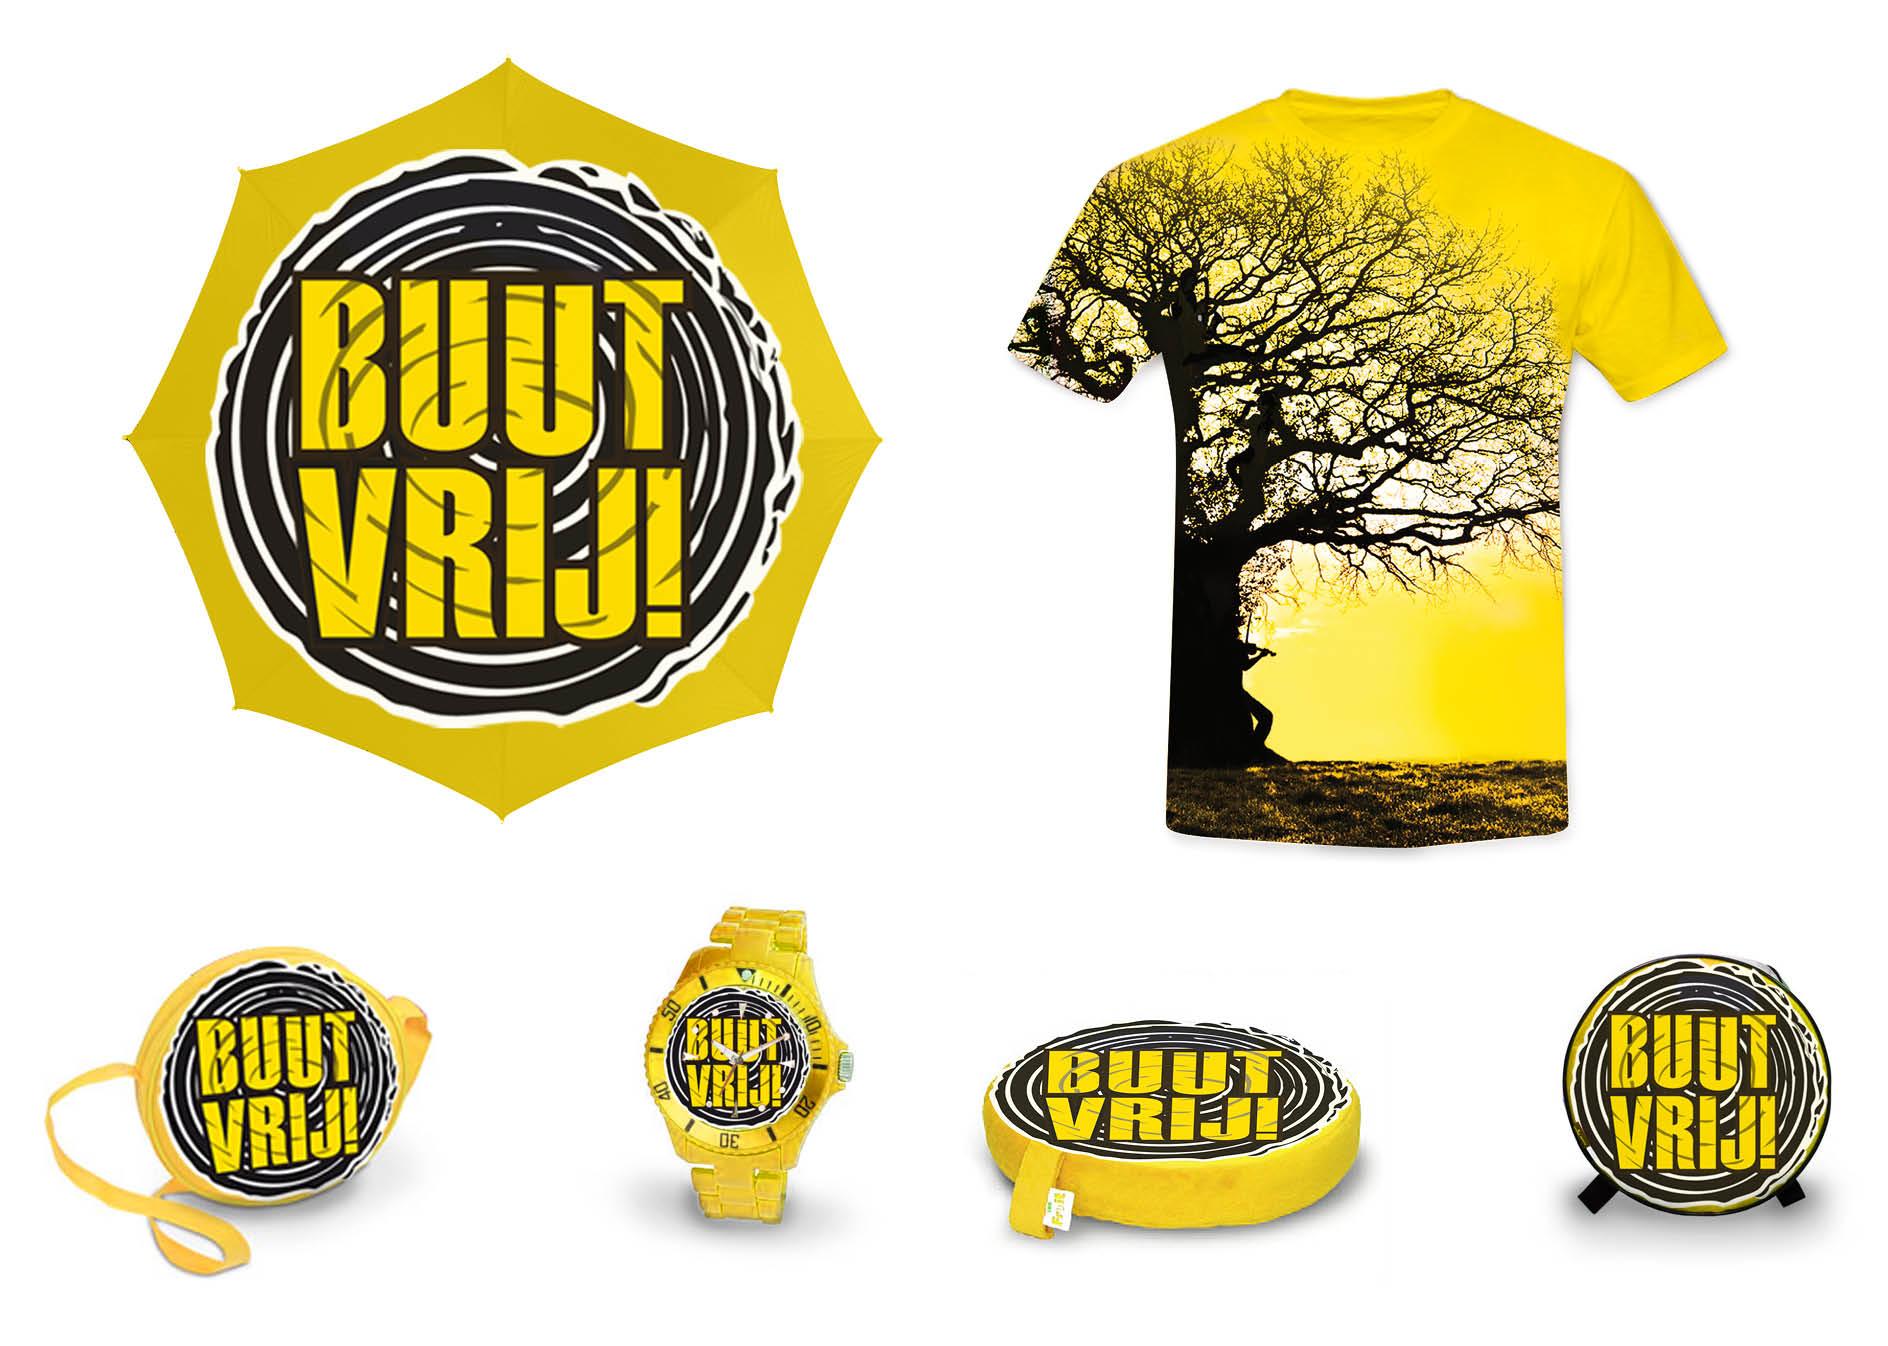 Creayv grafische vormgeving en dtp merchandise artikelen Buutvrij-festival voor avondopleiding art direction